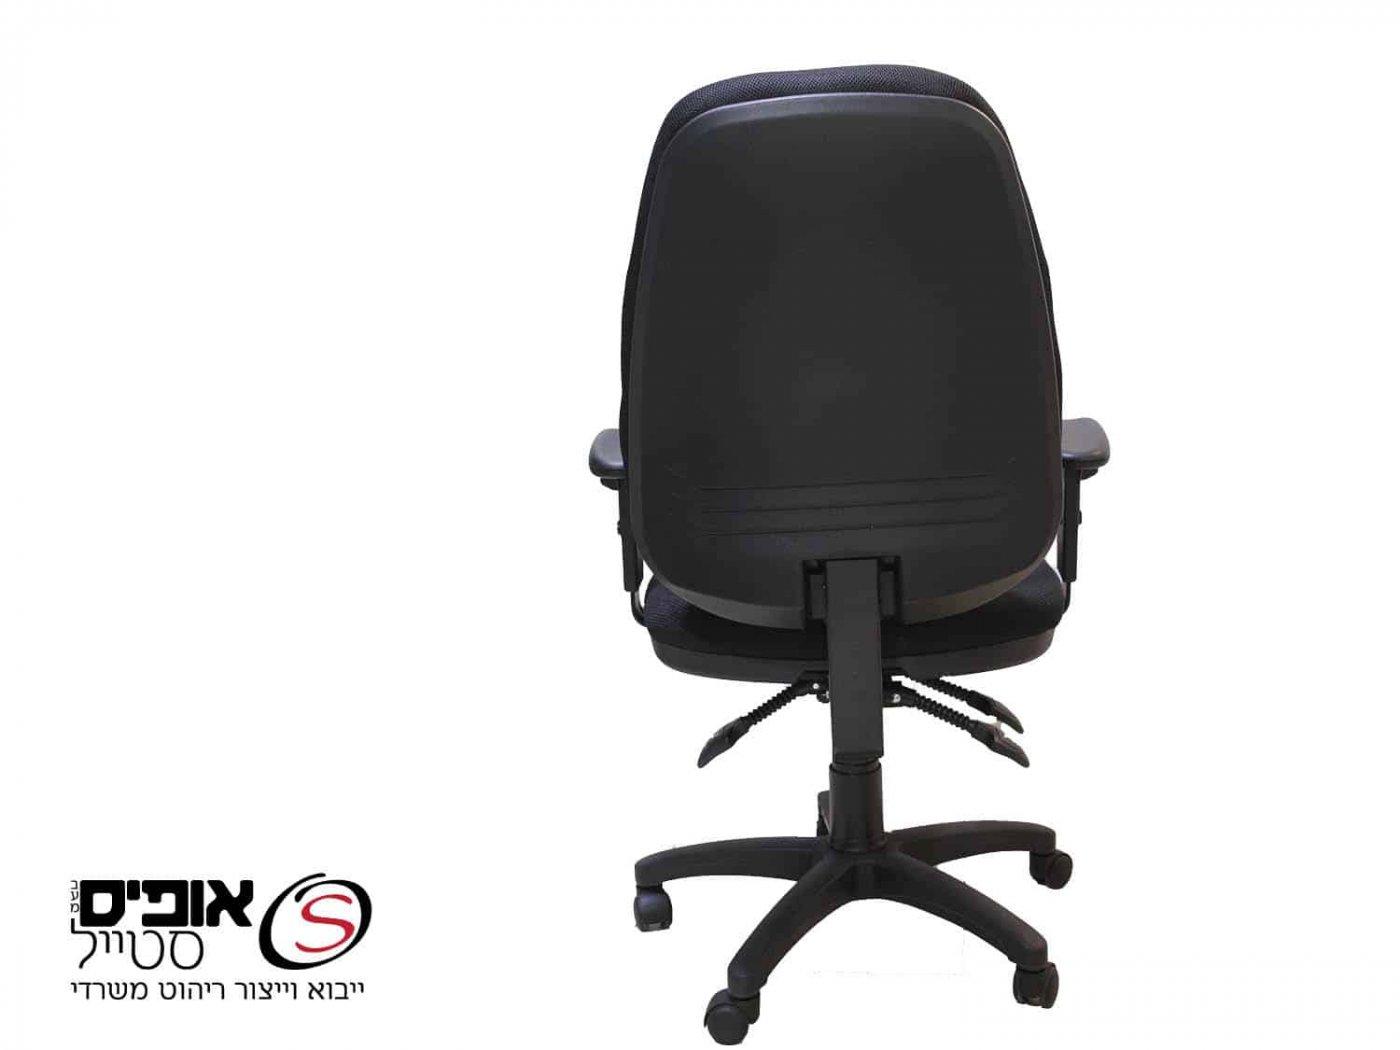 כסא עבודהארגונומי מילניום B